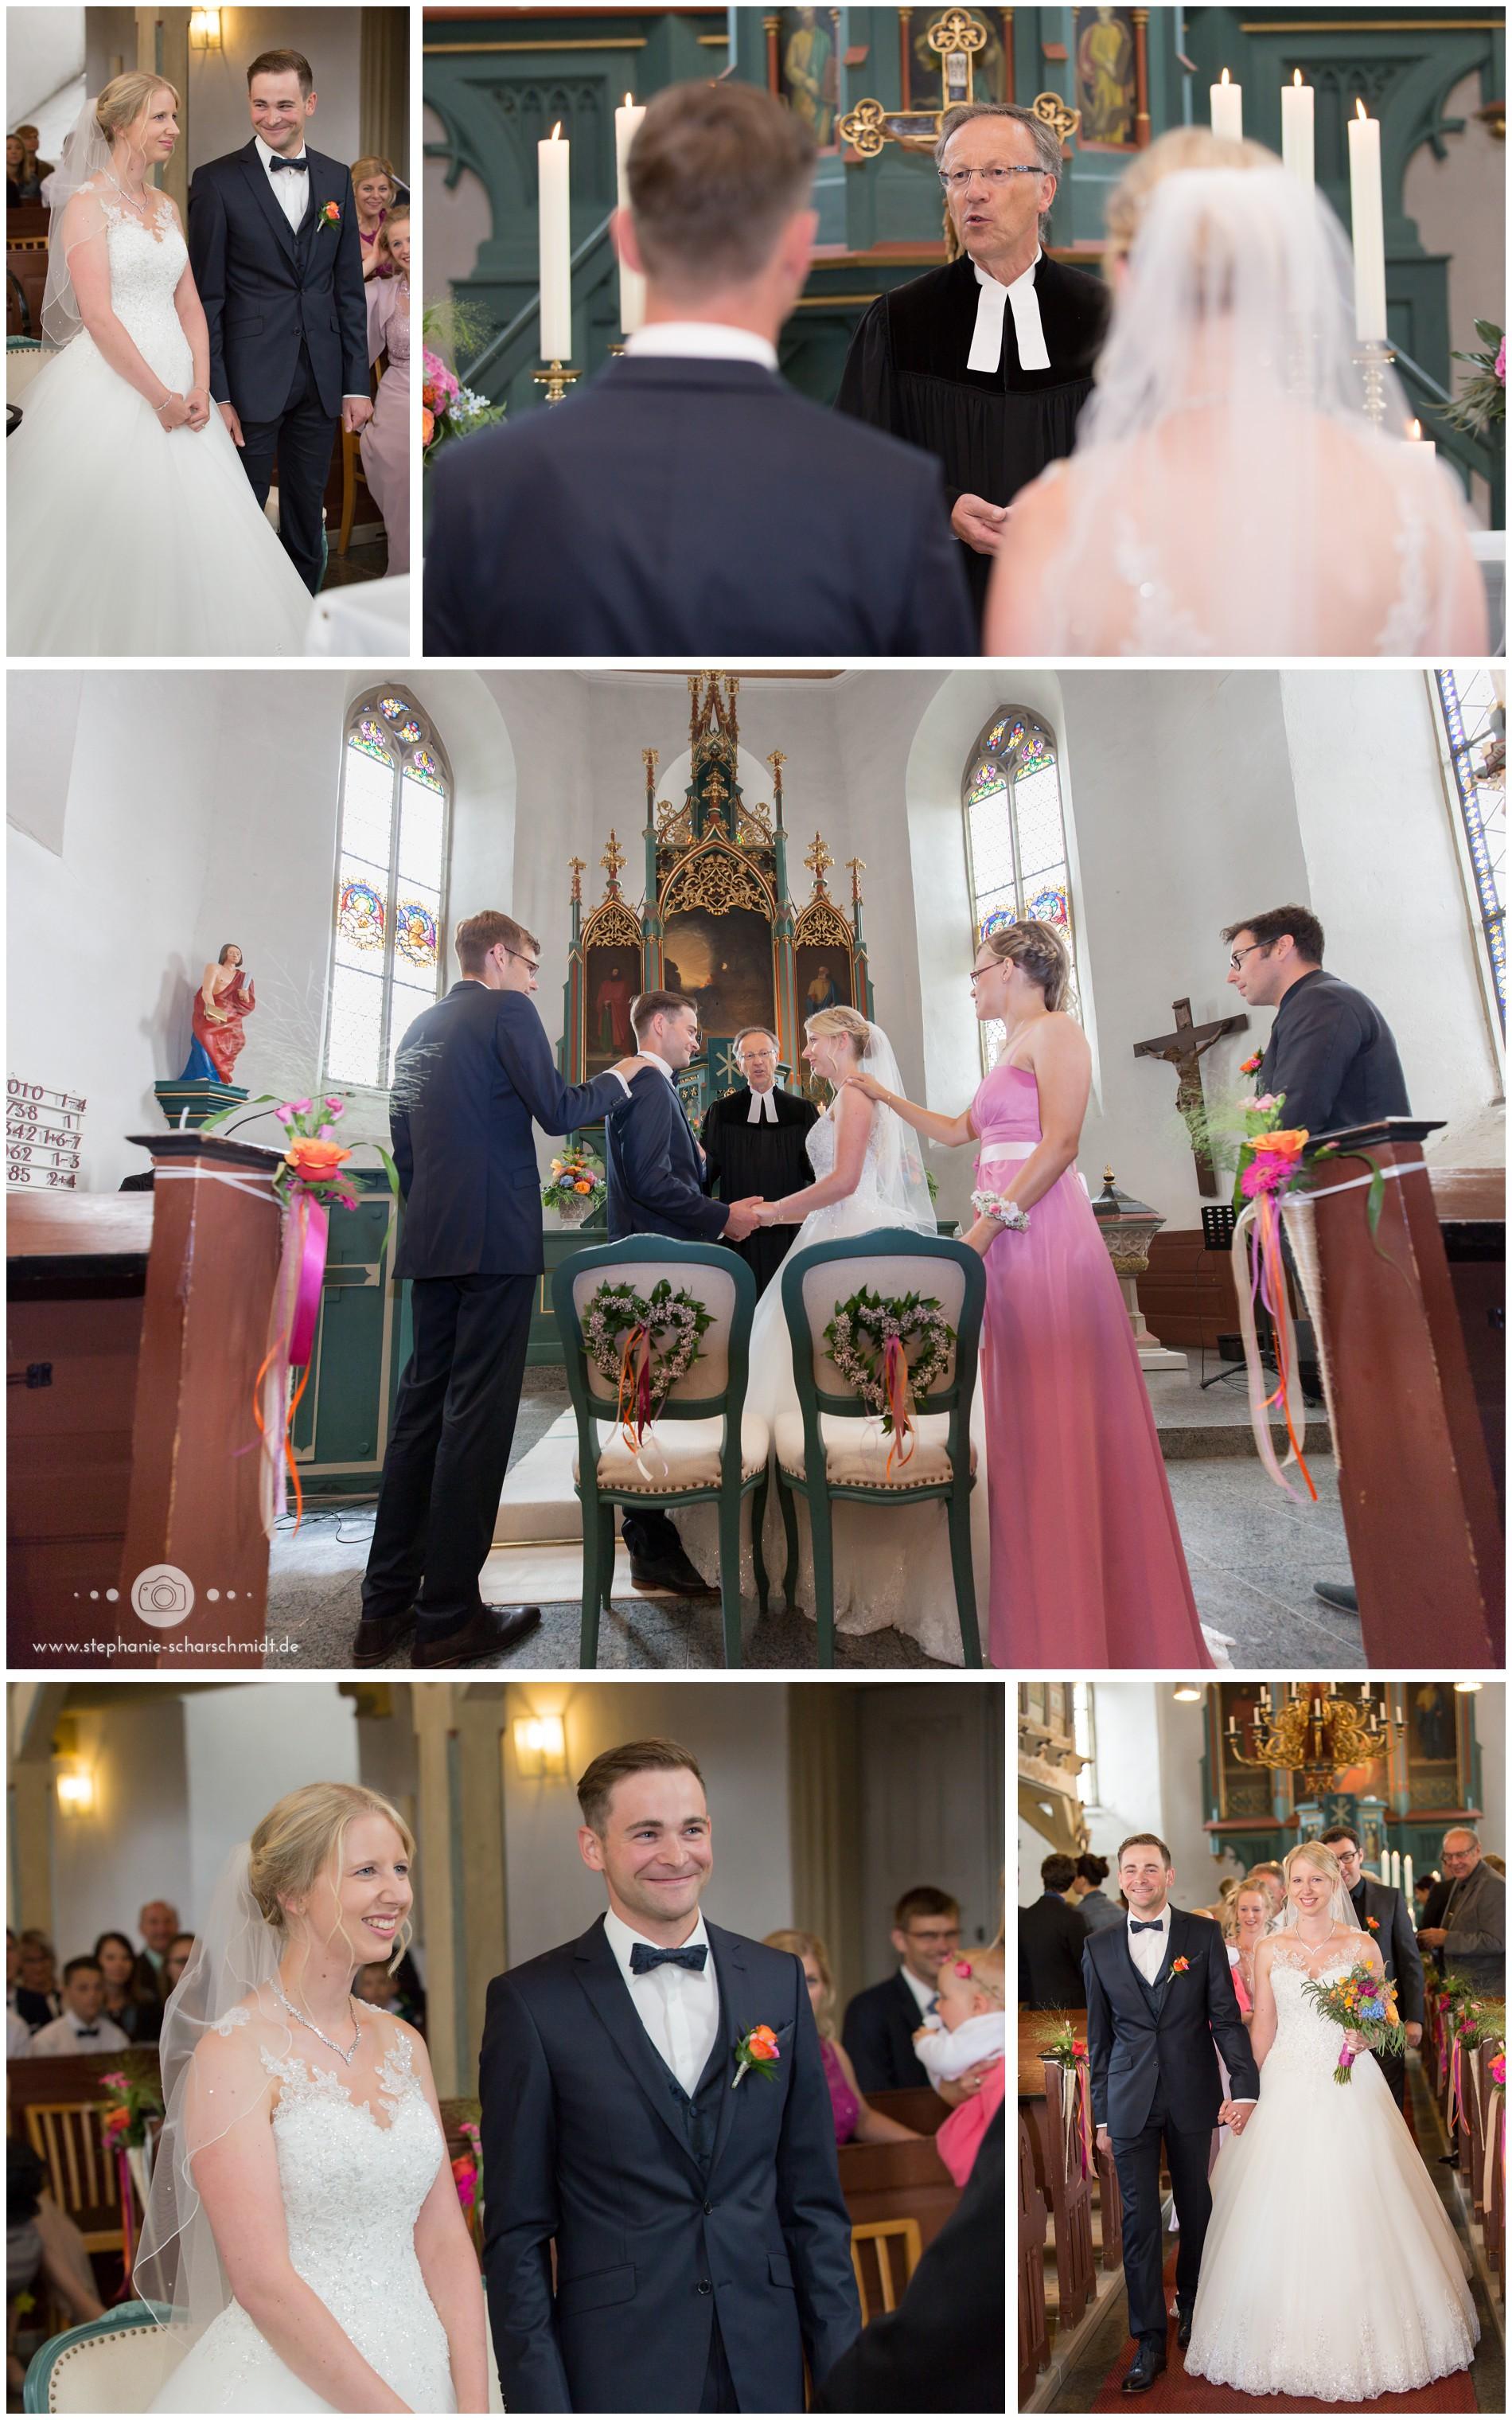 Hochzeitsfotograf Schwarzenbach am Wald - Hochzeits- und Portraitfotografin Stephanie Scharschmidt